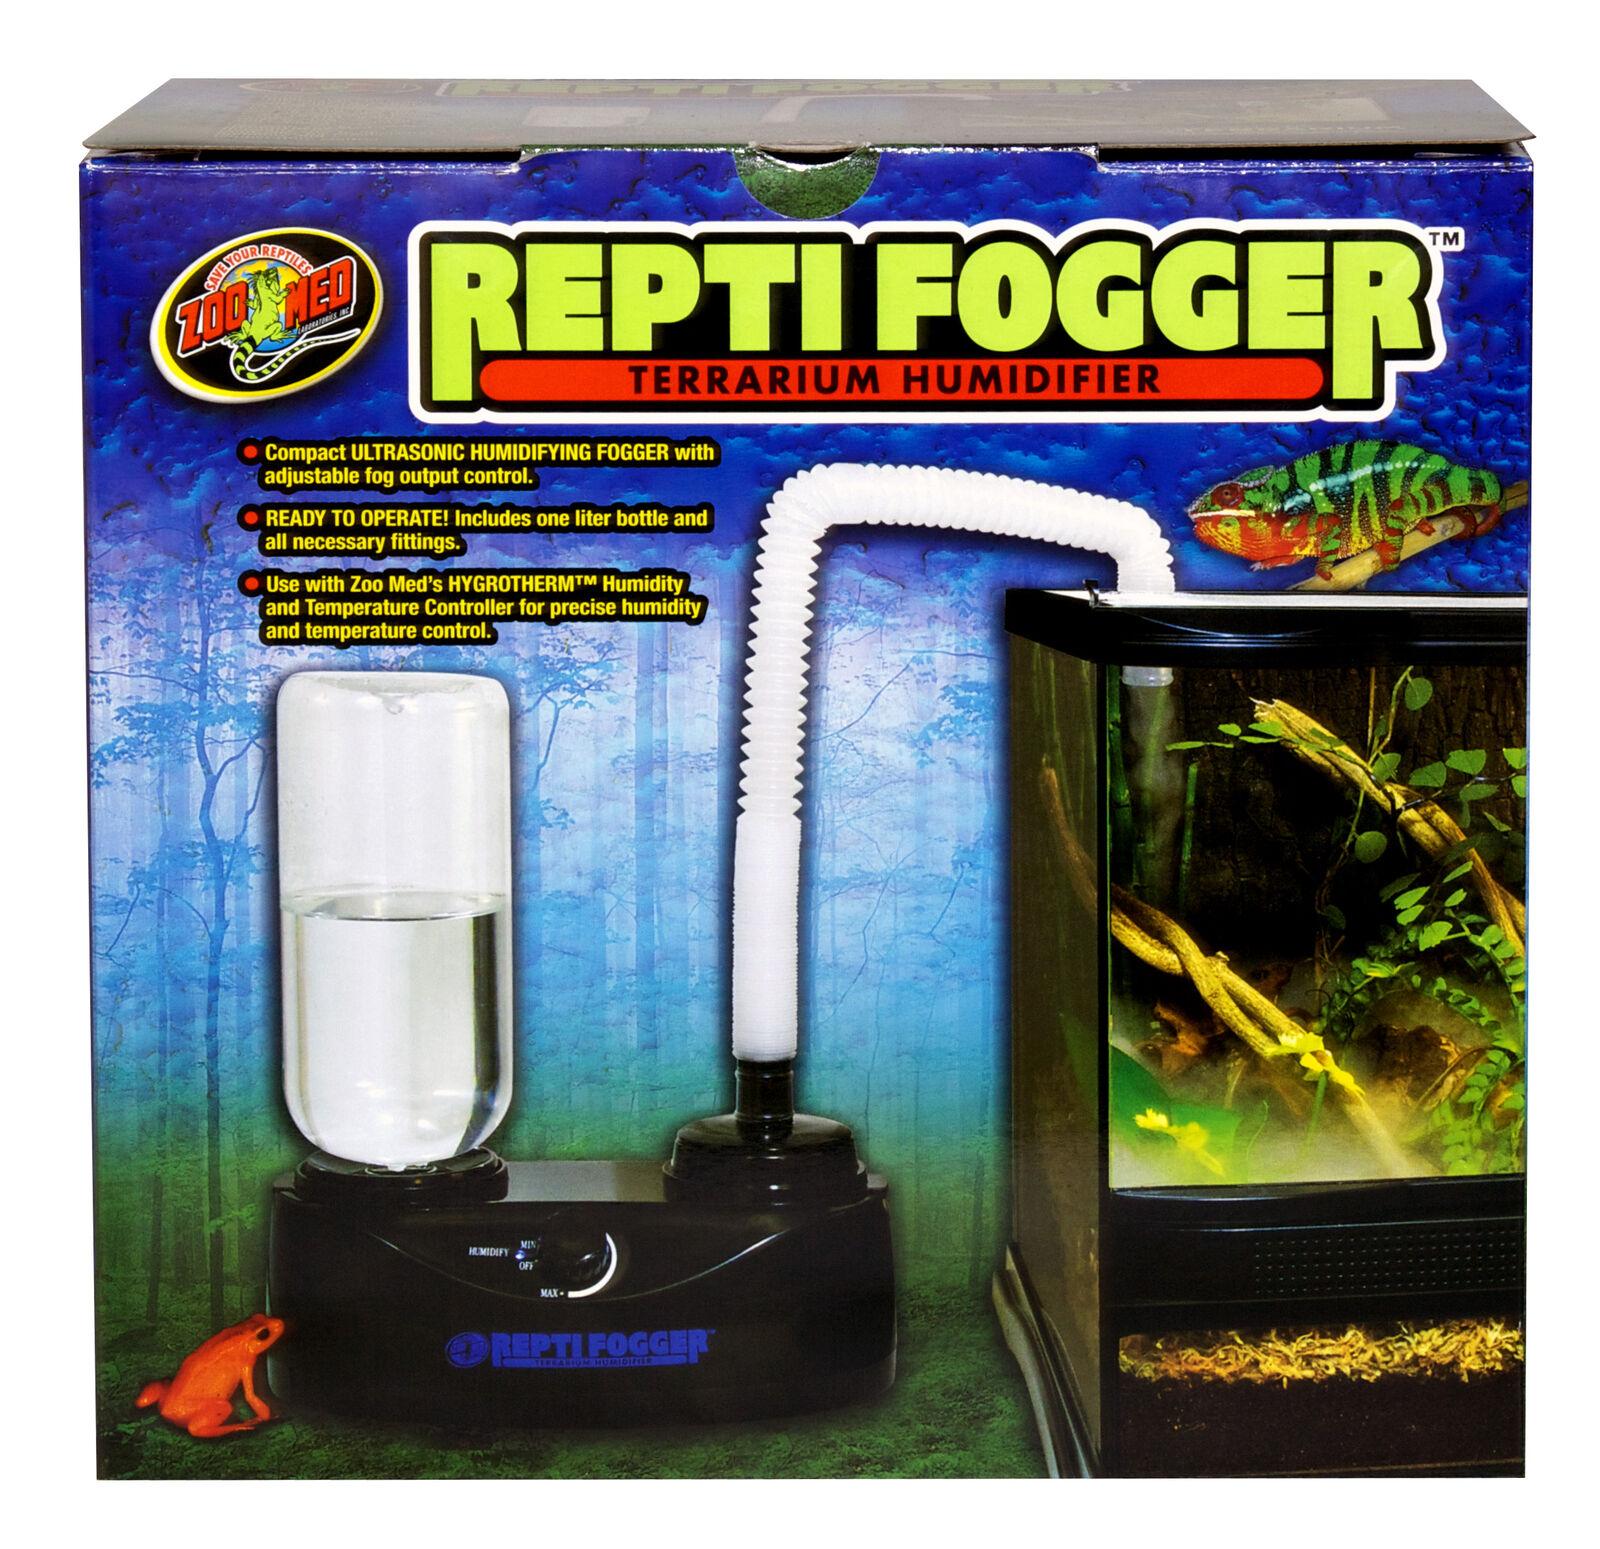 Repti Fogger Ultrasonic Fogger Nebler UMIDIFICATORI VAPORIZZATORI nebulizzatori